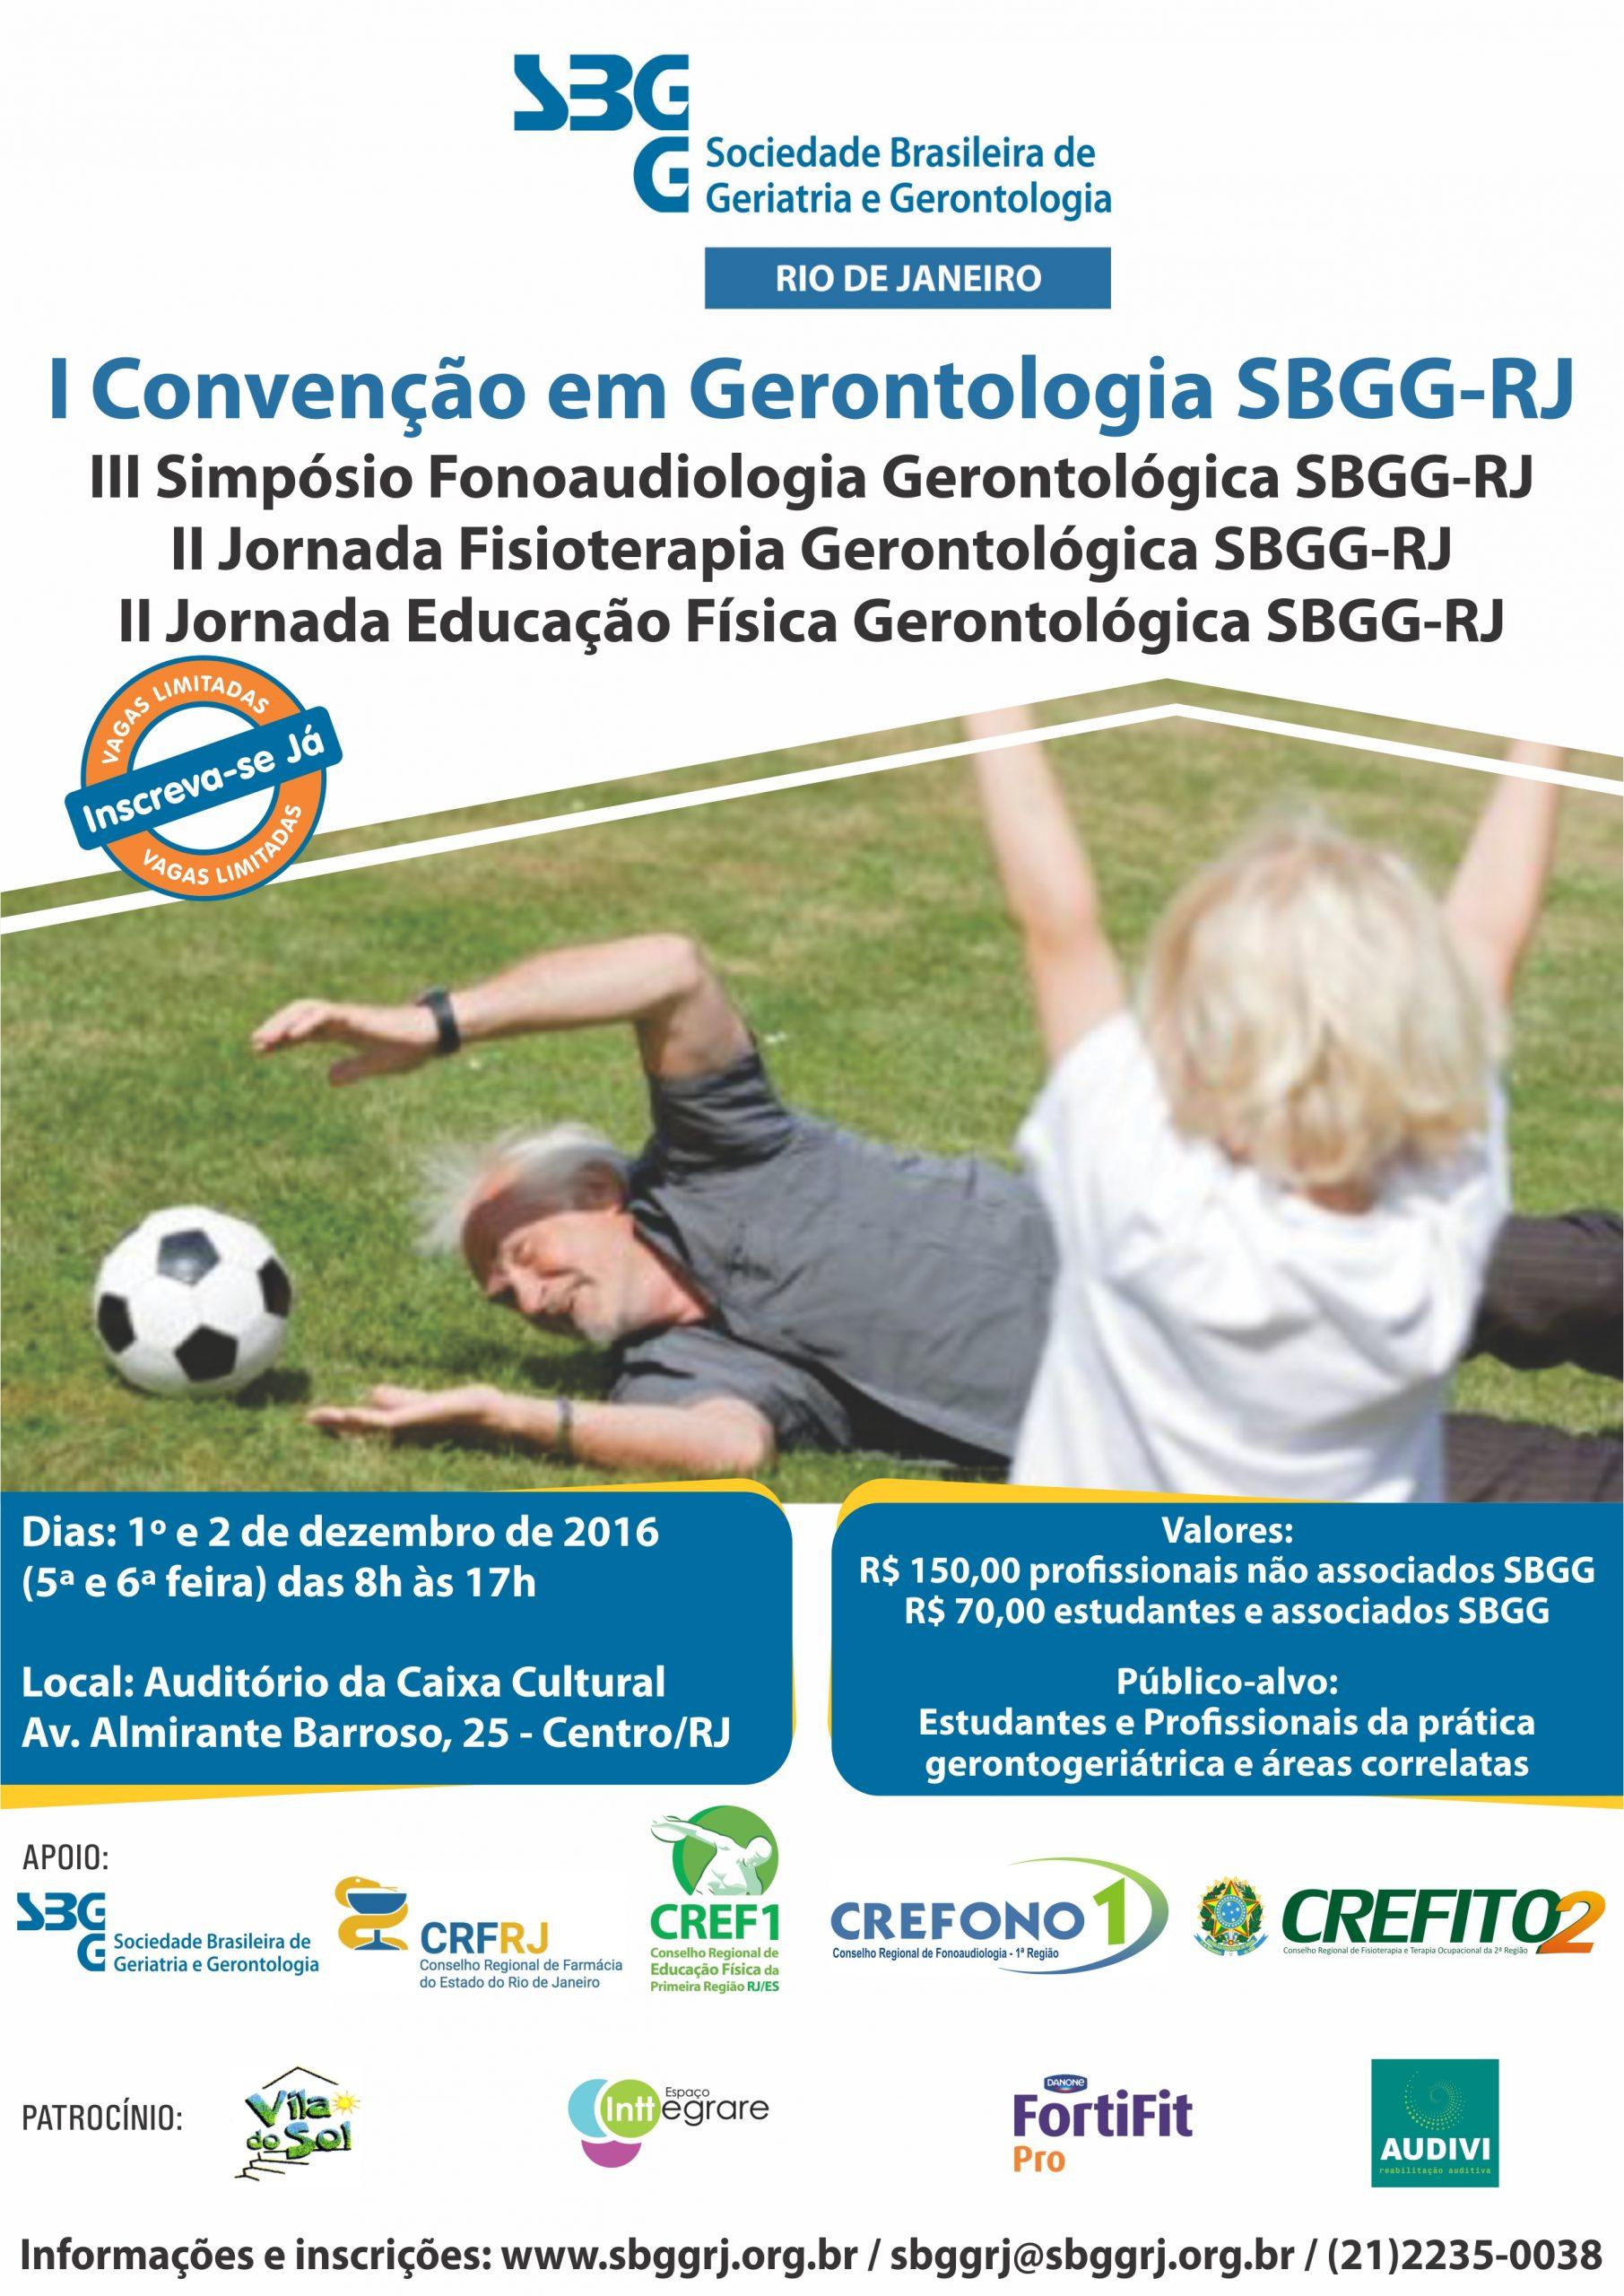 I Convenção em Gerontologia SBGG-RJ